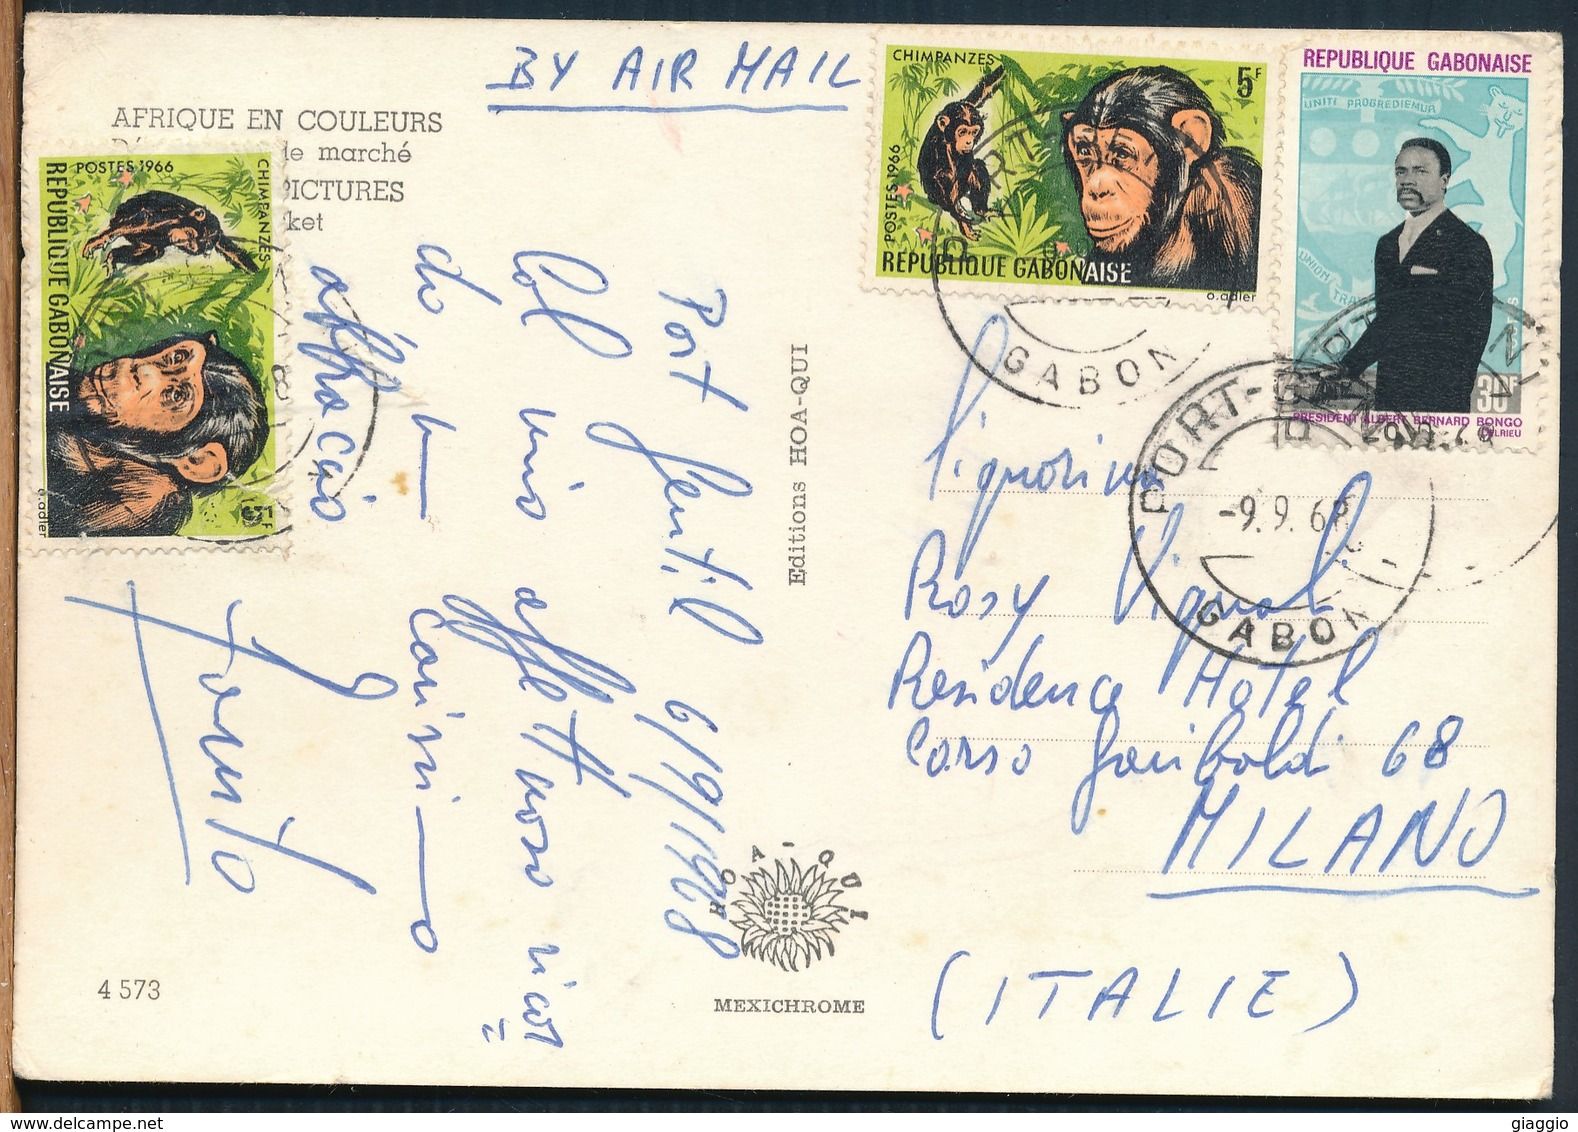 °°° 19089 - GABON - LE MARCHE - 1968 With Stamps °°° - Gabon